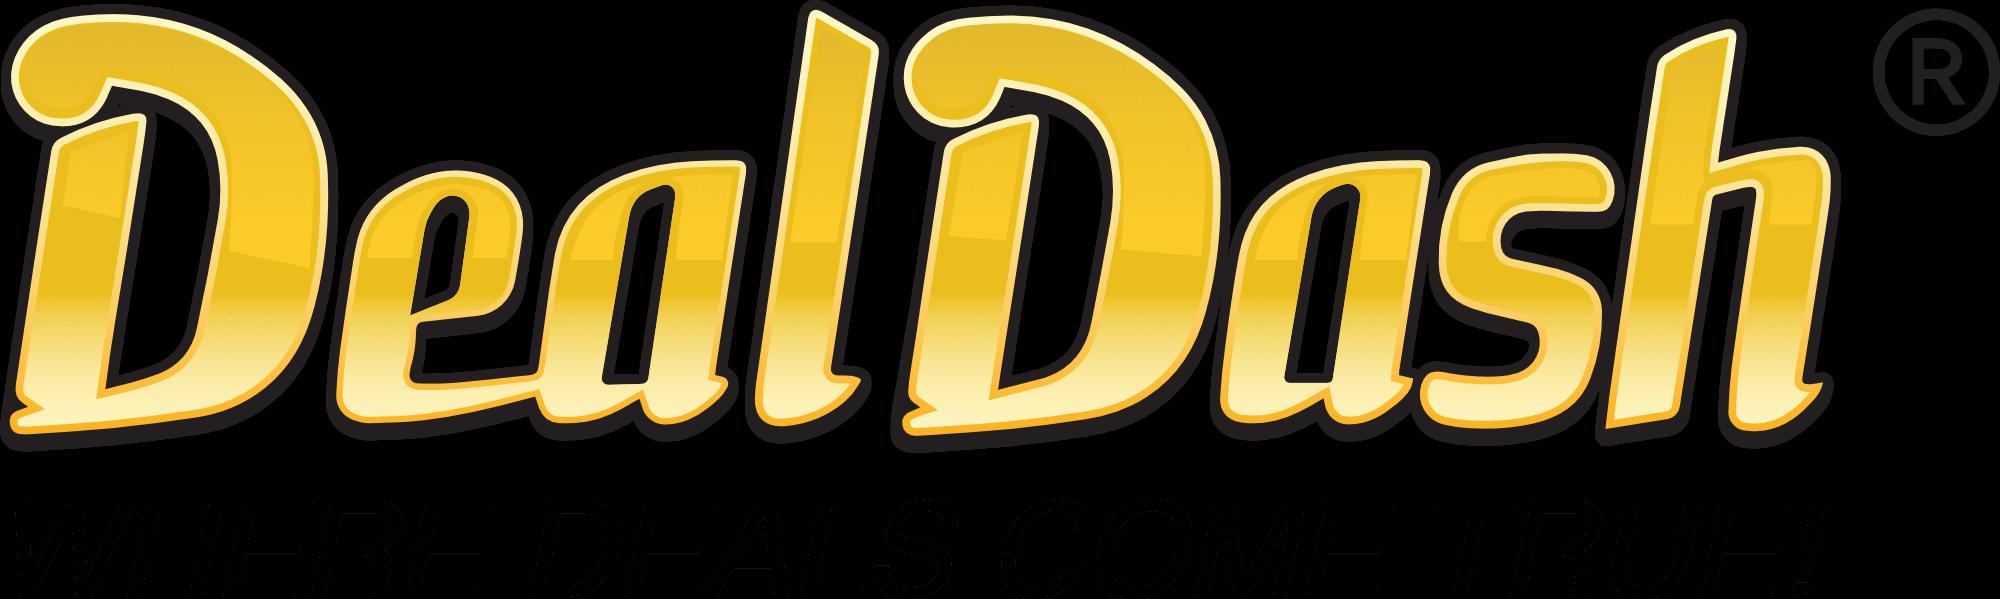 DealDash-logo